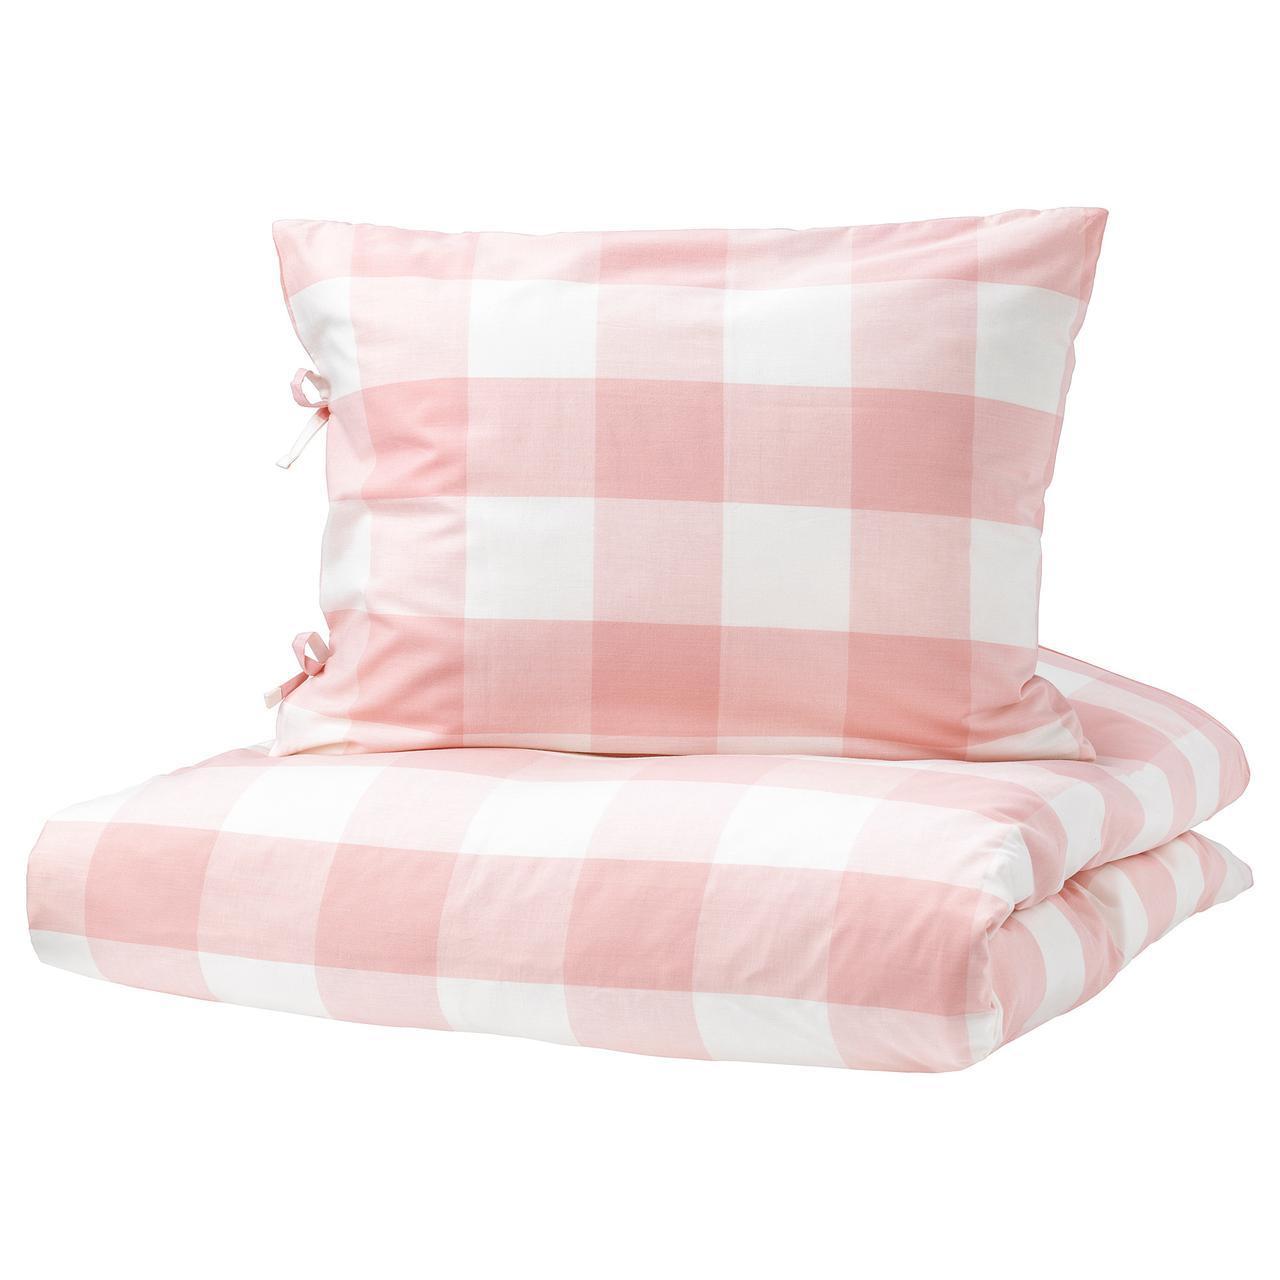 Комплект постельного белья IKEA EMMIE RUTA 150х200 см светло-розовый белый 203.800.80